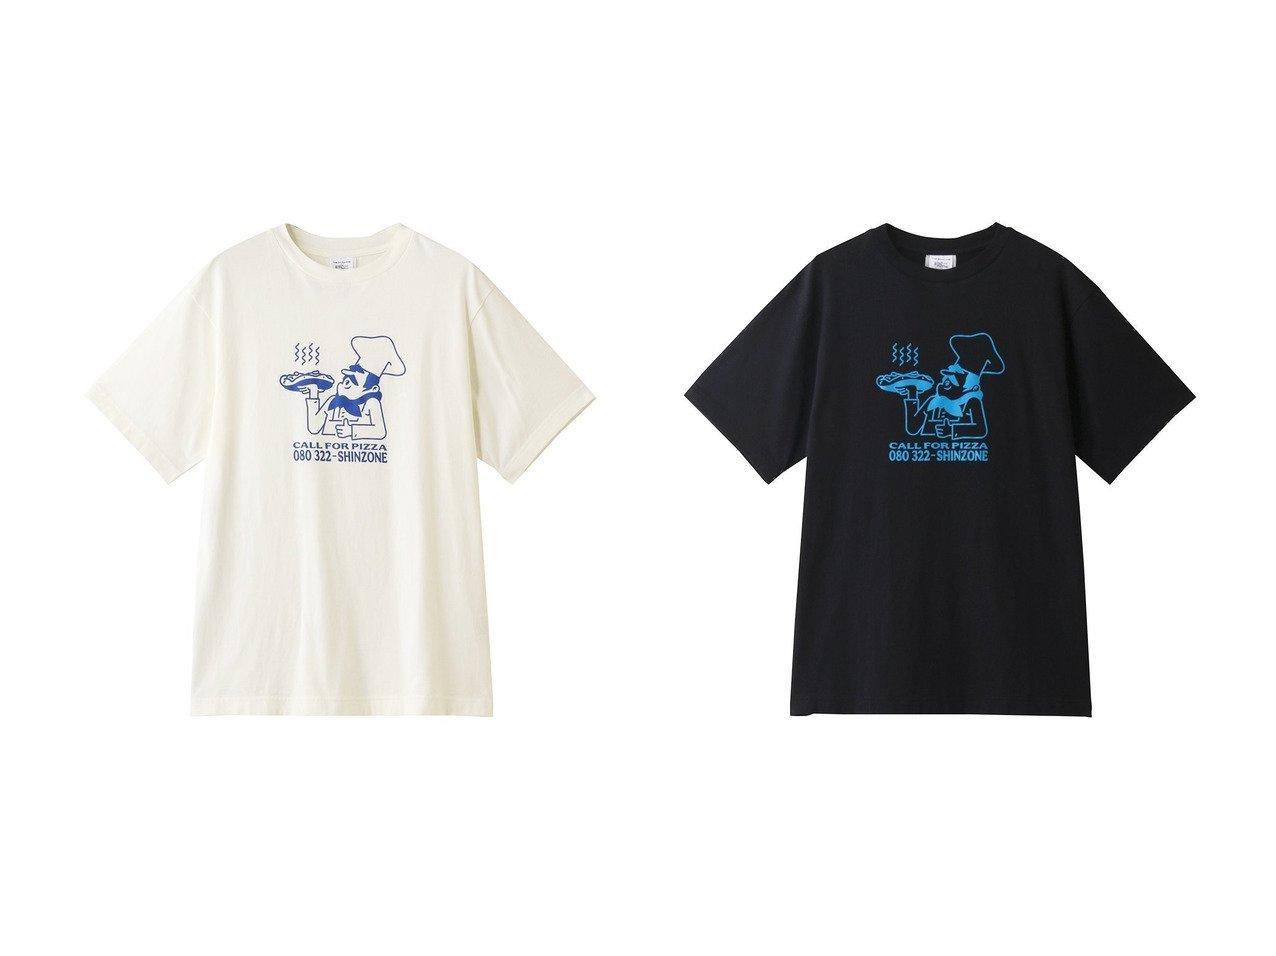 【Shinzone/シンゾーン】のPIZZA Tシャツ 【トップス・カットソー】おすすめ!人気、トレンド・レディースファッションの通販 おすすめで人気の流行・トレンド、ファッションの通販商品 インテリア・家具・メンズファッション・キッズファッション・レディースファッション・服の通販 founy(ファニー) https://founy.com/ ファッション Fashion レディースファッション WOMEN トップス・カットソー Tops/Tshirt シャツ/ブラウス Shirts/Blouses ロング / Tシャツ T-Shirts カットソー Cut and Sewn 2020年 2020 2020-2021秋冬・A/W AW・Autumn/Winter・FW・Fall-Winter/2020-2021 2021年 2021 2021-2022秋冬・A/W AW・Autumn/Winter・FW・Fall-Winter・2021-2022 A/W・秋冬 AW・Autumn/Winter・FW・Fall-Winter おすすめ Recommend イラスト ショート スリーブ フロント プリント  ID:crp329100000060624